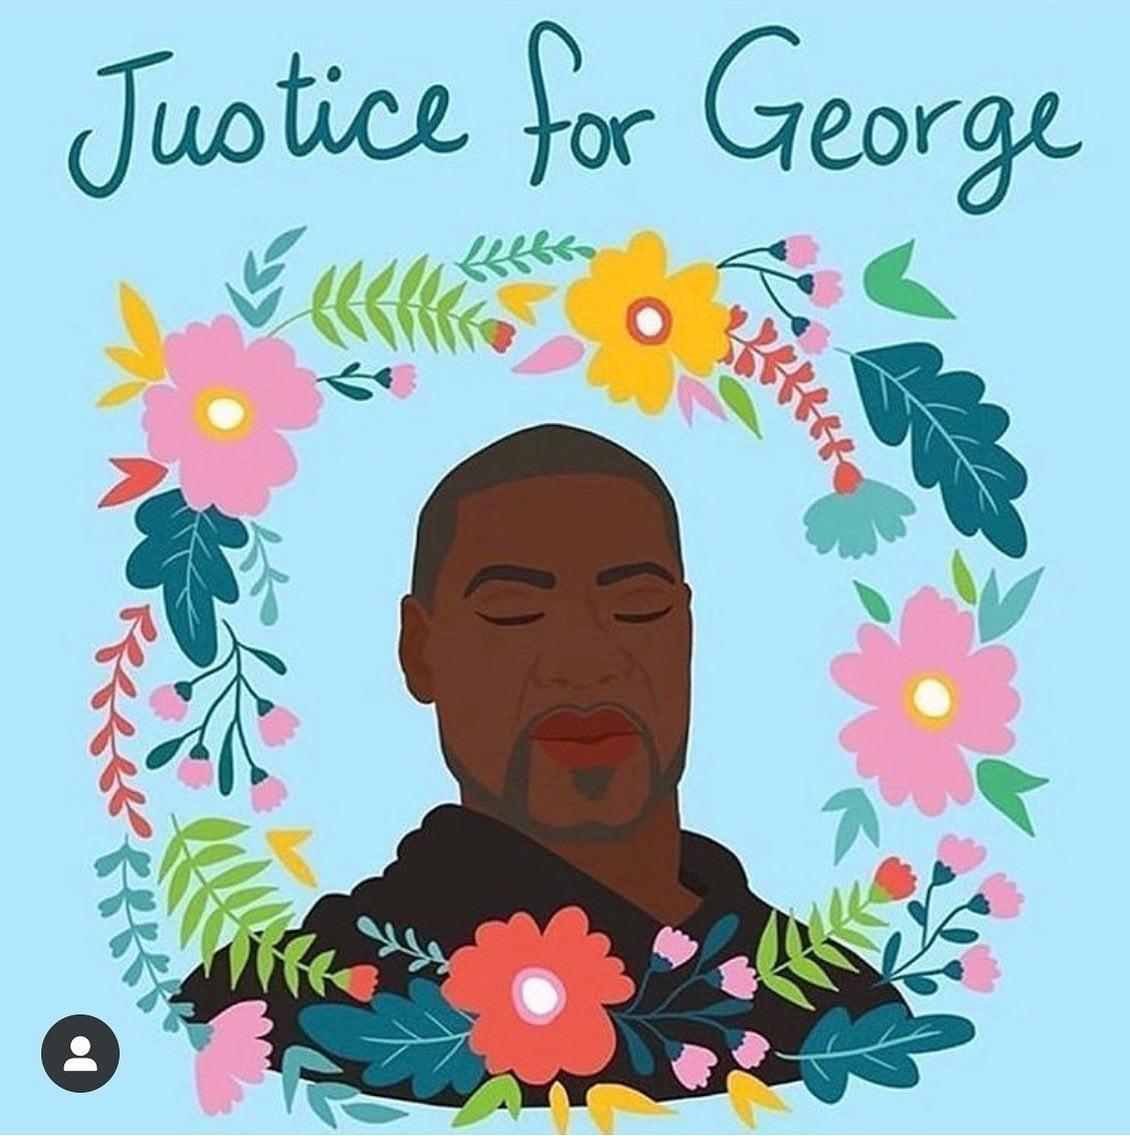 Es macht mich so wütend, es nimmt mich so mit! George Floyd wurde zu Tode gequält. Es tut mir so leid für seine Angehörigen.. Euer verdammter Rassismus tötet! Es reicht! Wut und Trauer.. #GeorgeFloyd #BlackLivesMatter